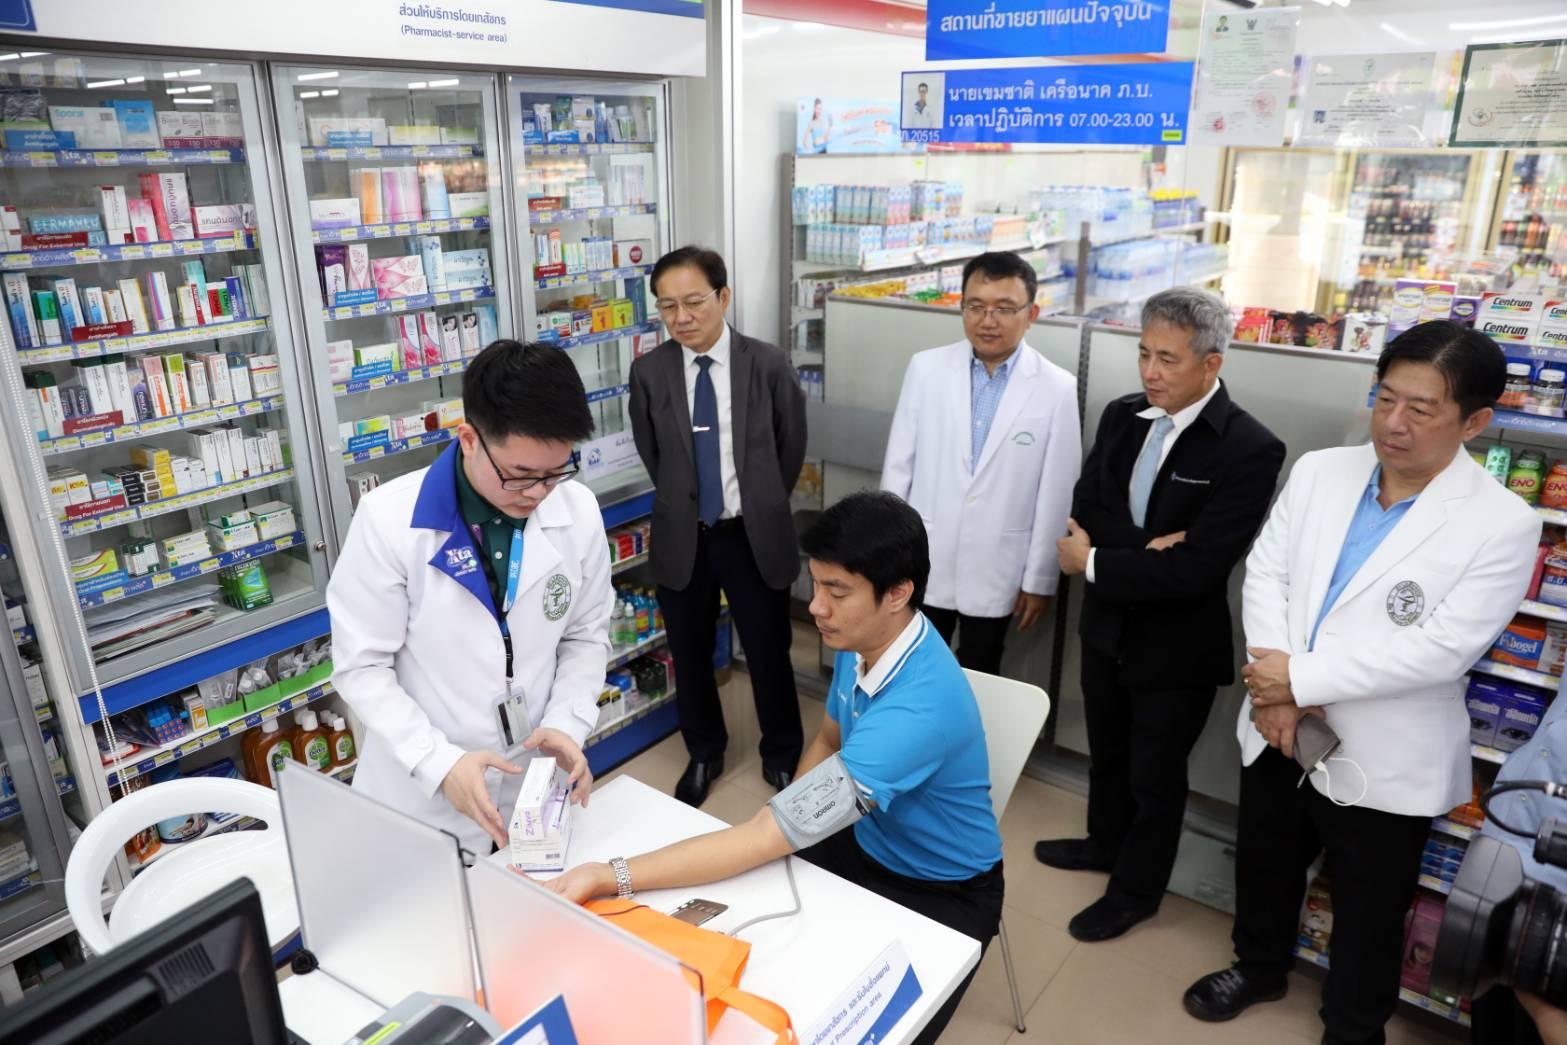 1 เดือนผู้ป่วยสมัครร่วมโครงการรับยาที่ร้านยา 4 หมื่นราย ภาคเหนือตอนบนเบิกจ่ายสูงสุด